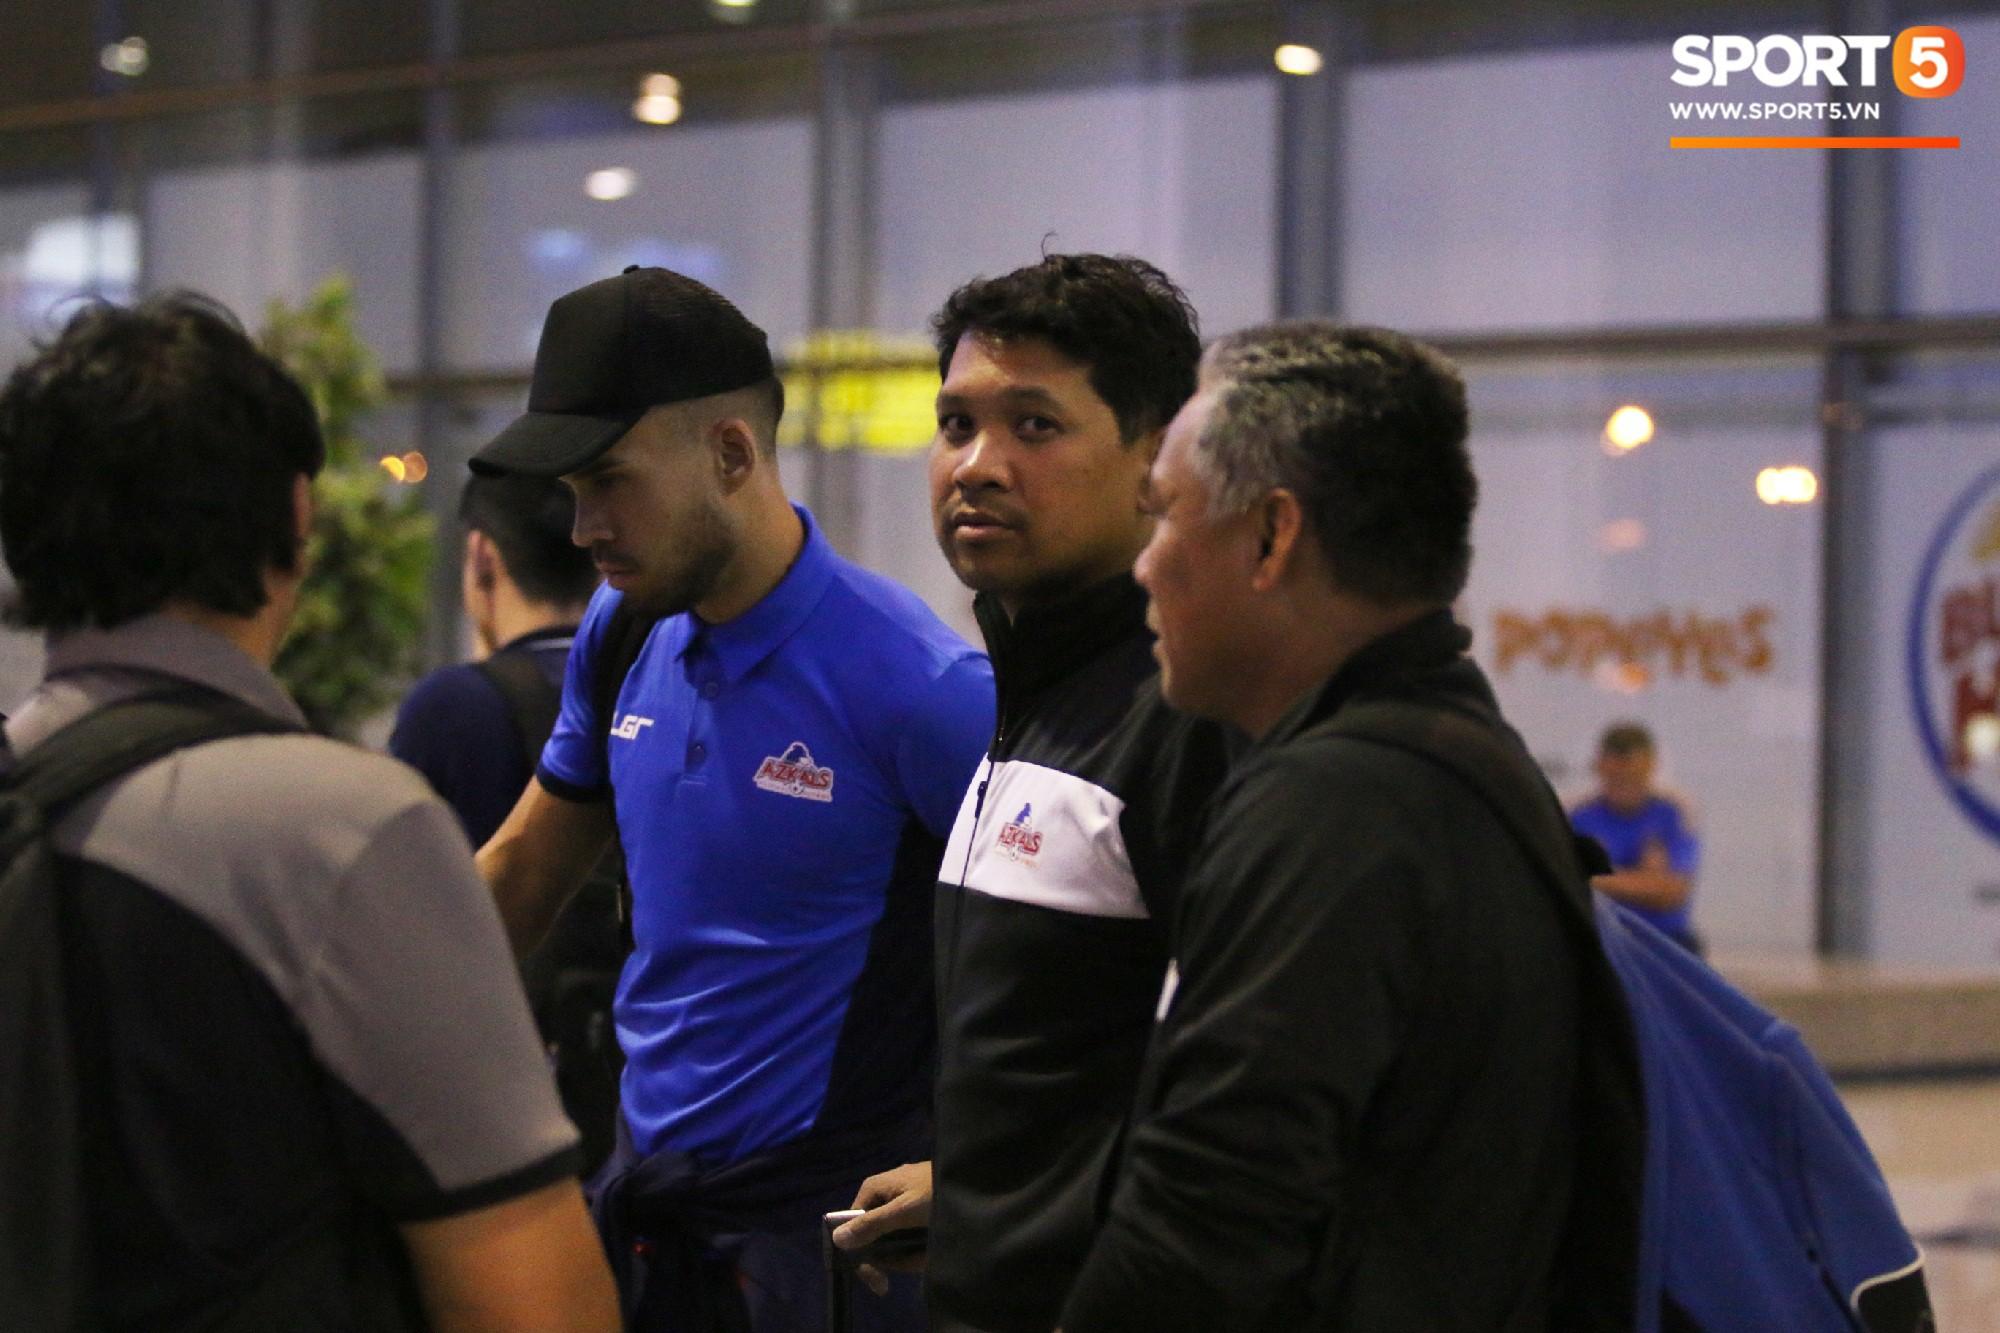 Cầu thủ Philippines thất lạc đồ ở sân bay, sau đó bị đồng đội bỏ rơi khi đặt chân tới Việt Nam - Ảnh 7.